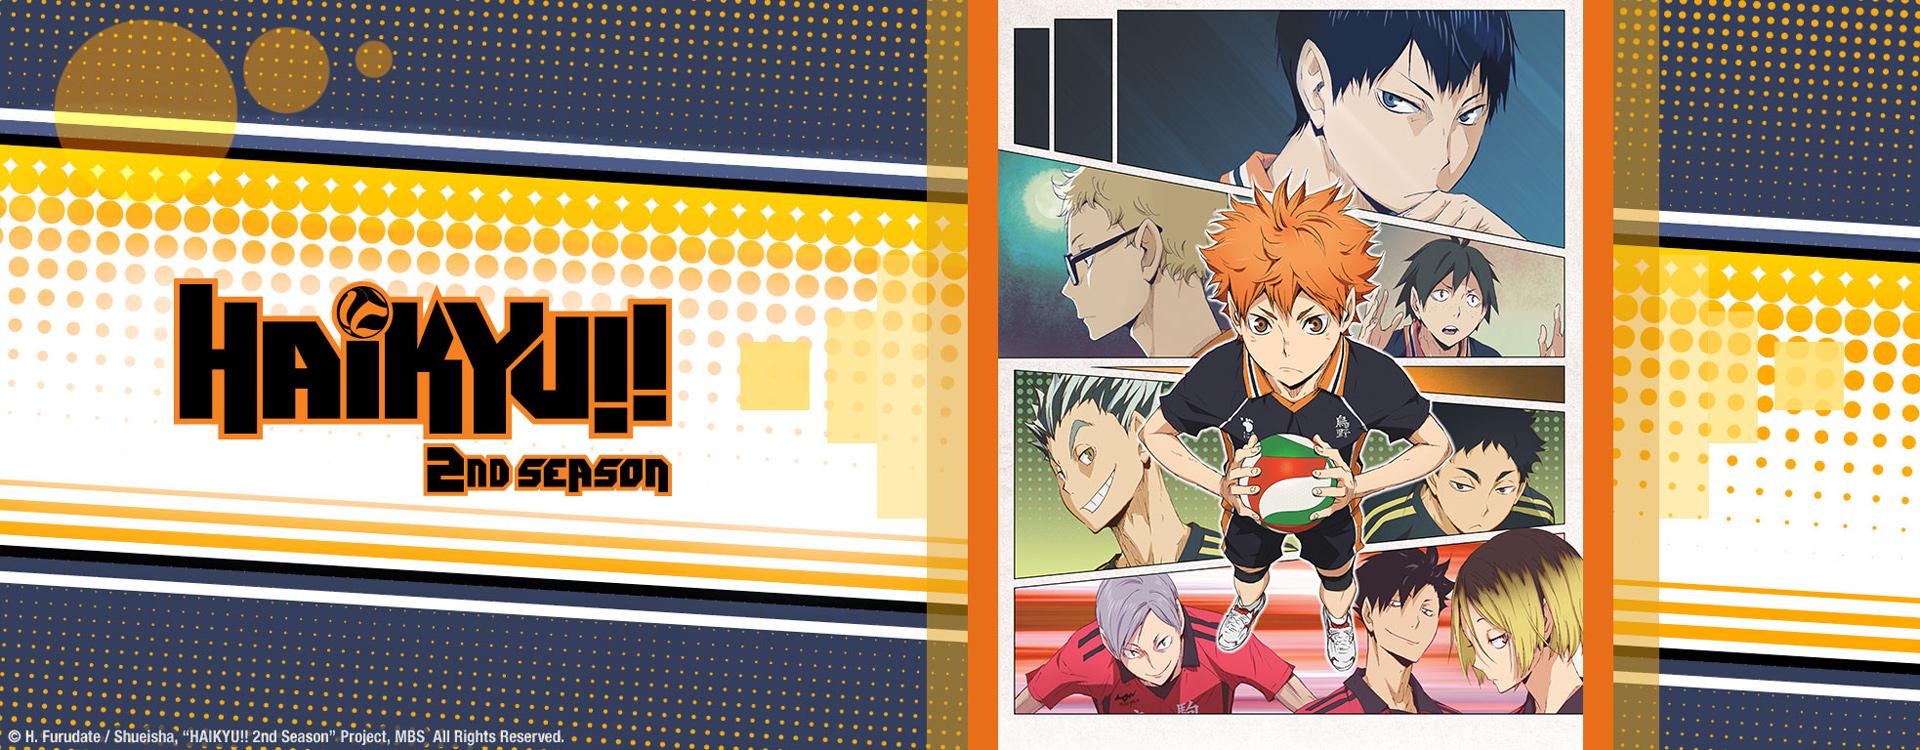 Haikyu-Zweite-Staffel-Banner